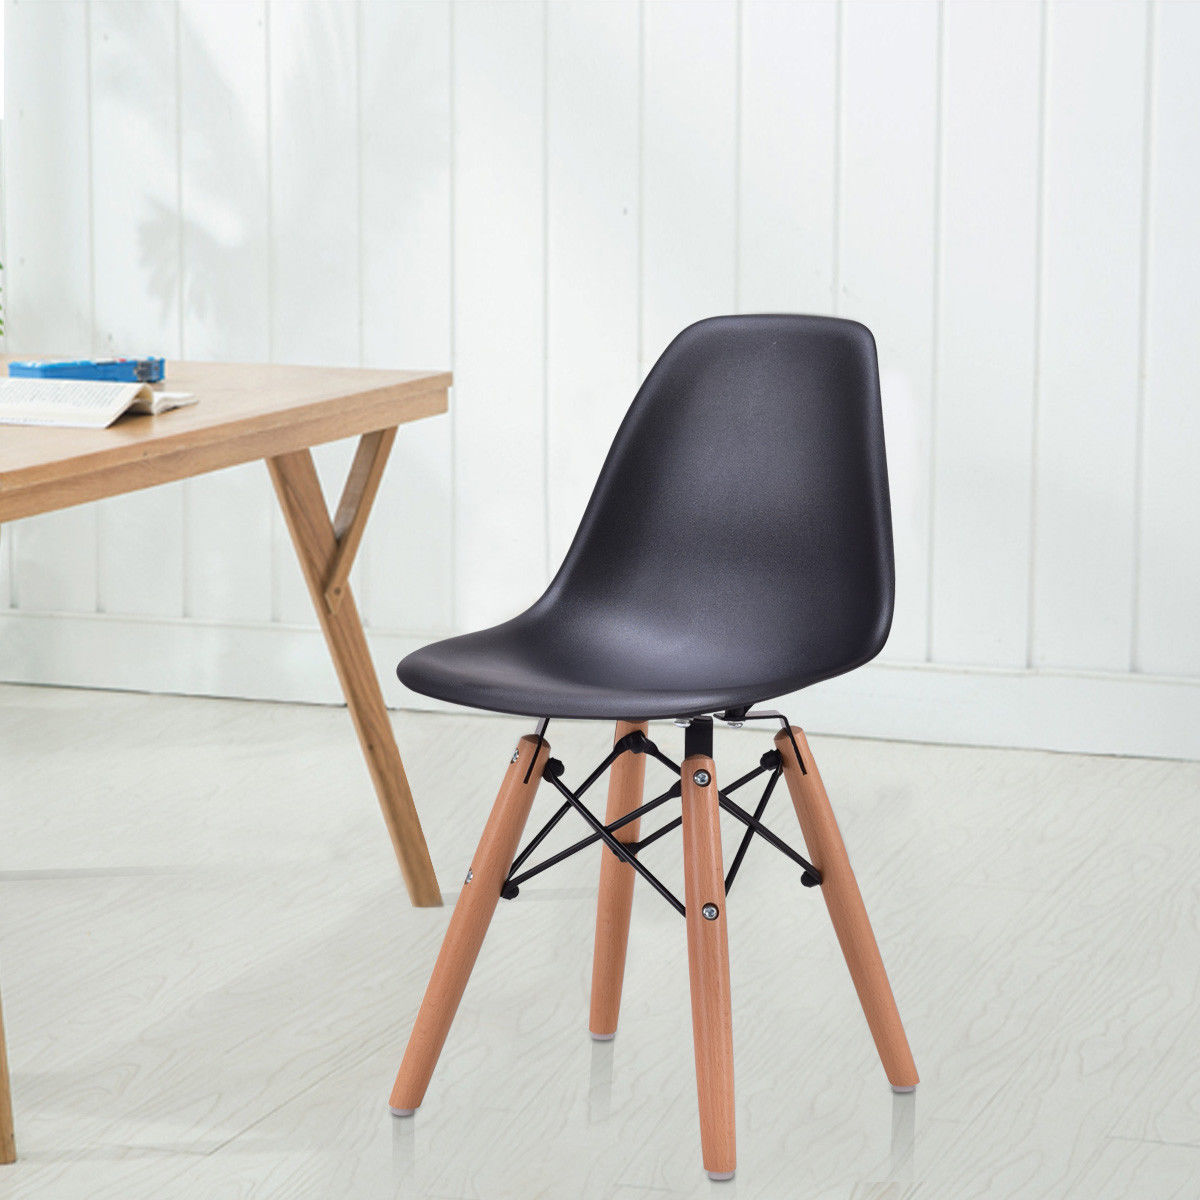 Giantex moderne enfants dinant la chaise enfants côté chaise sans bras moulé en plastique siège bois jambes enfants meubles HW56499BK